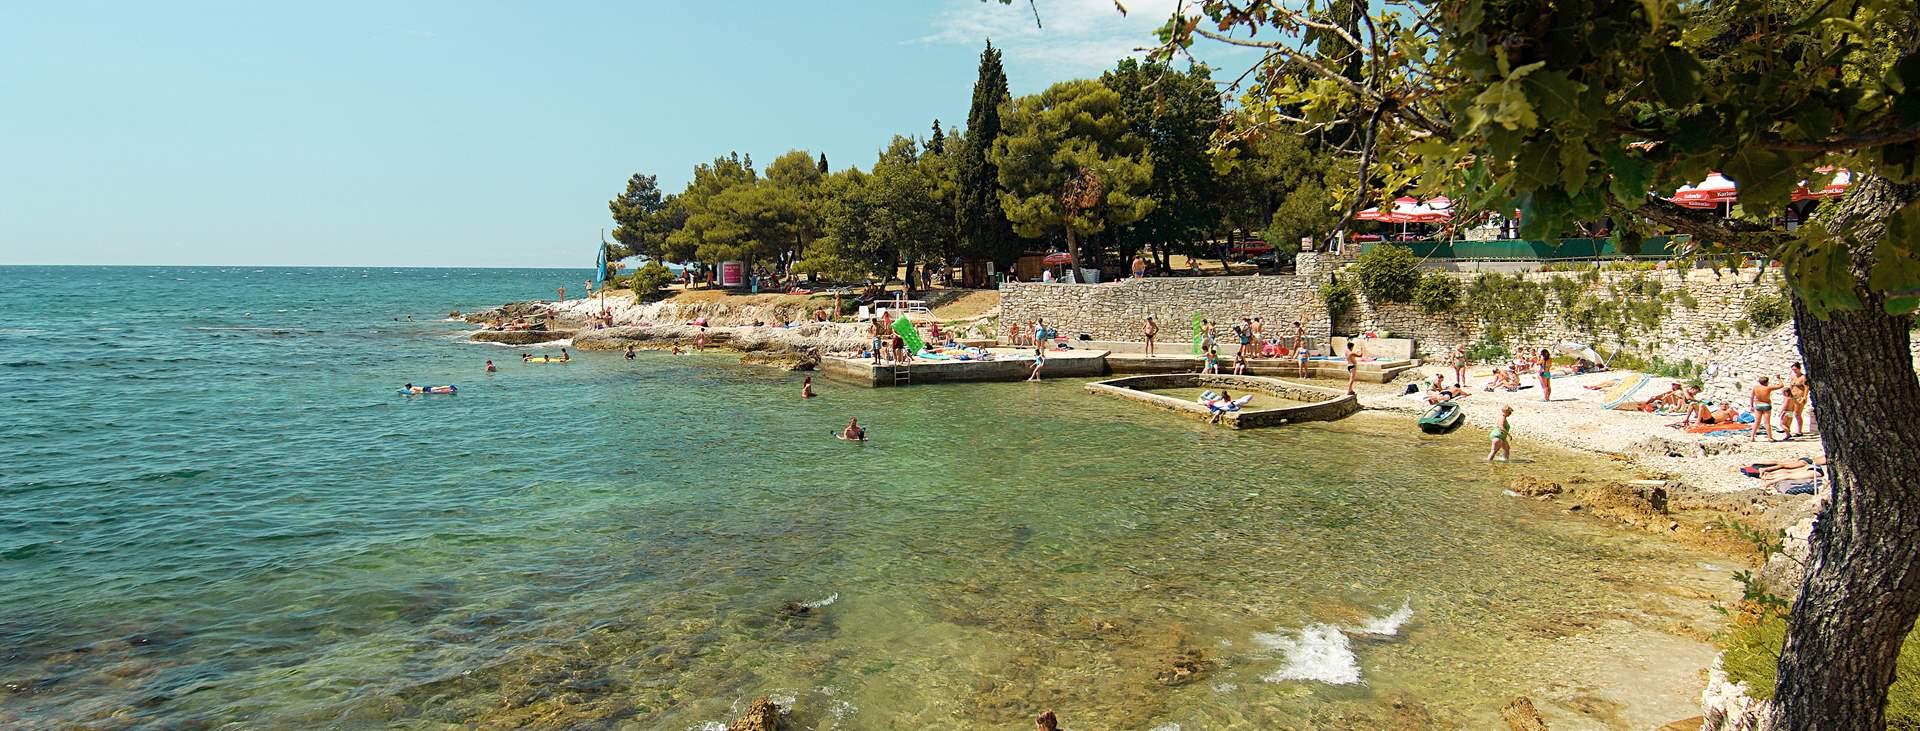 Reiser til Porec på Istria i Kroatia